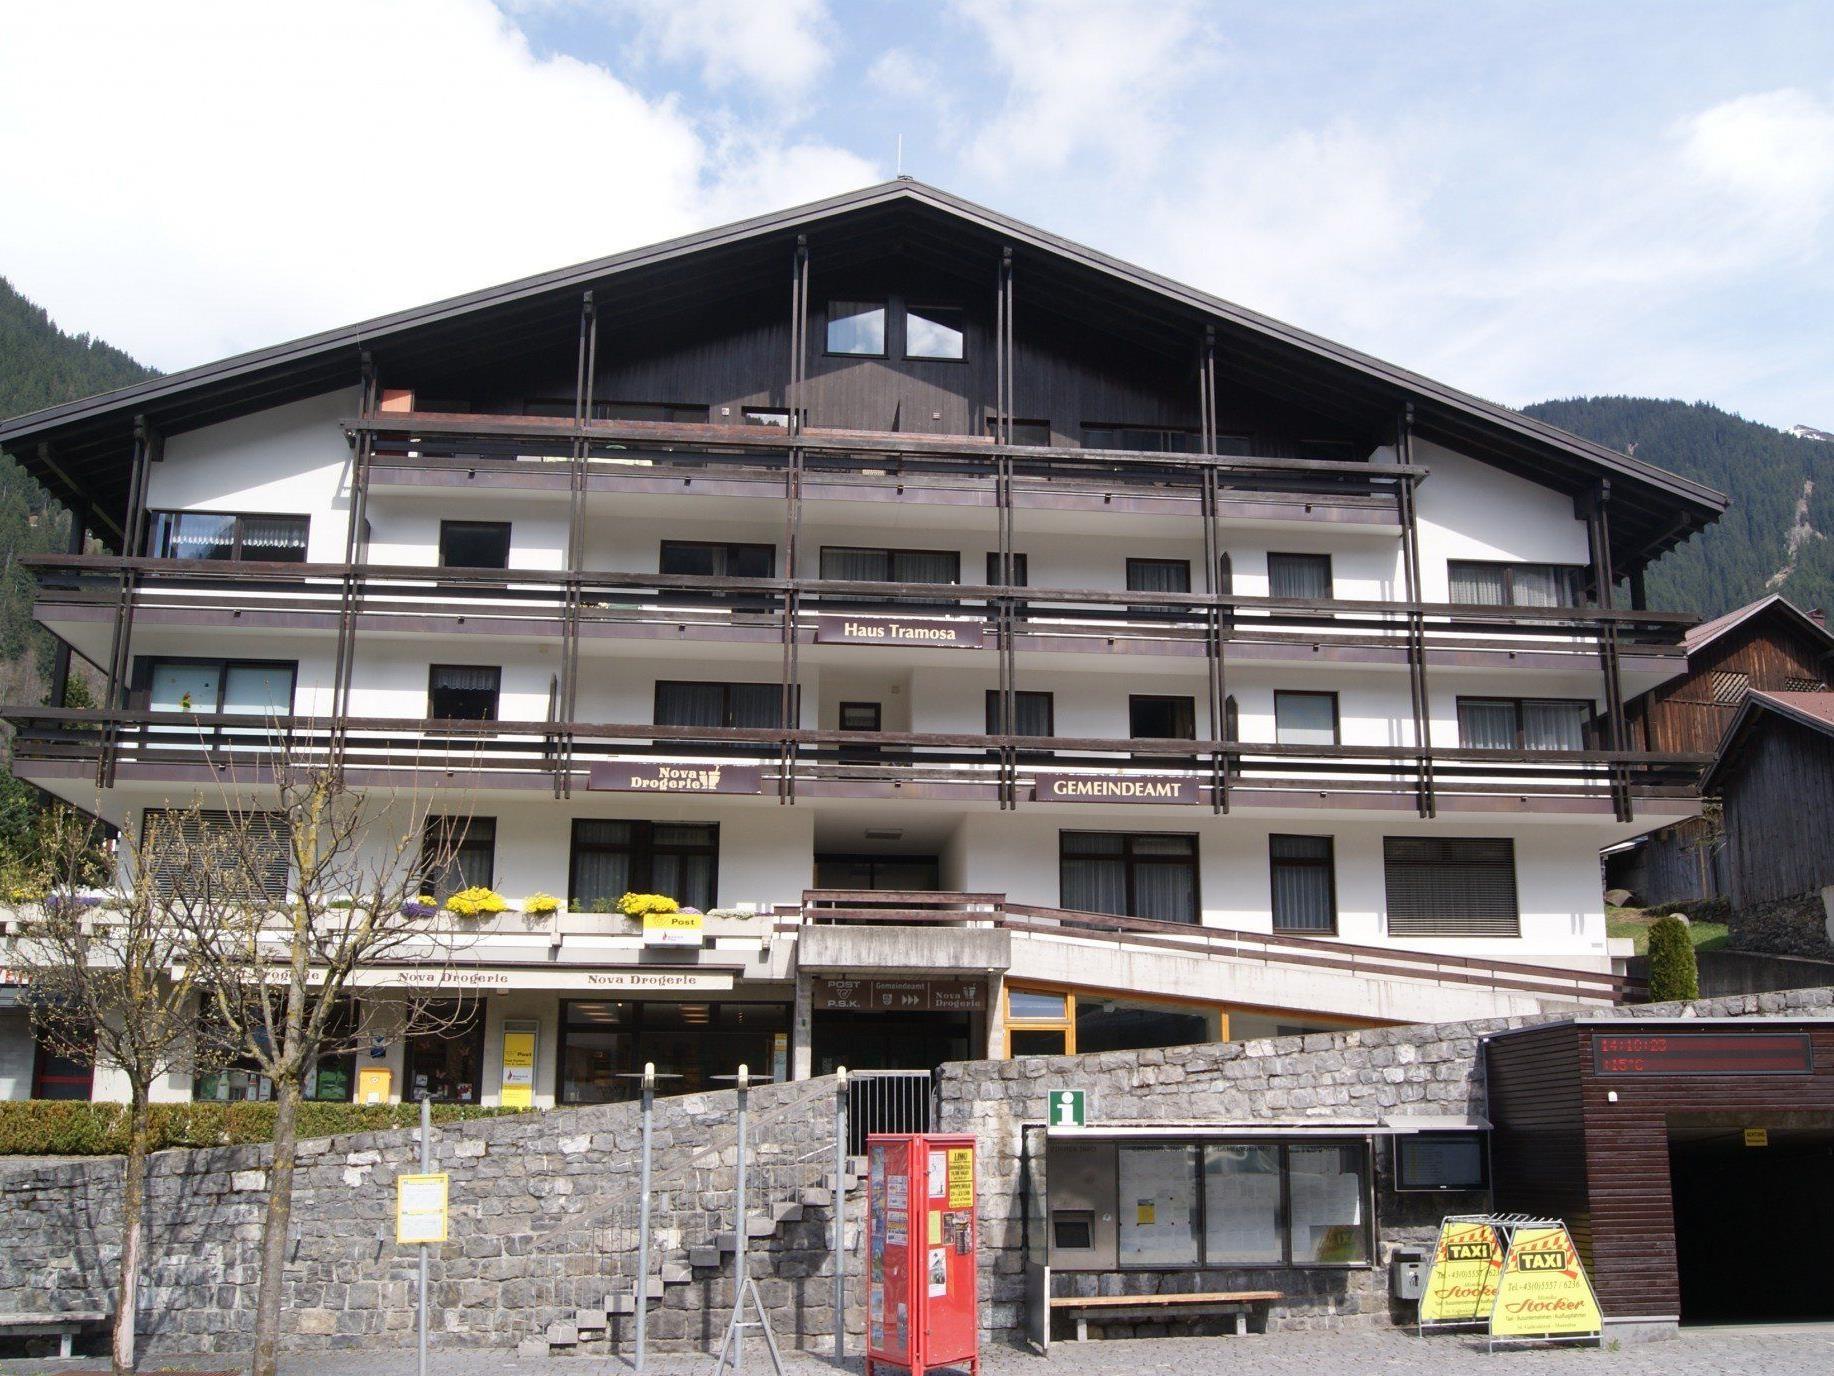 Das Gemeindehaus befindet sich im ersten Stock des Hauses Tramosa.